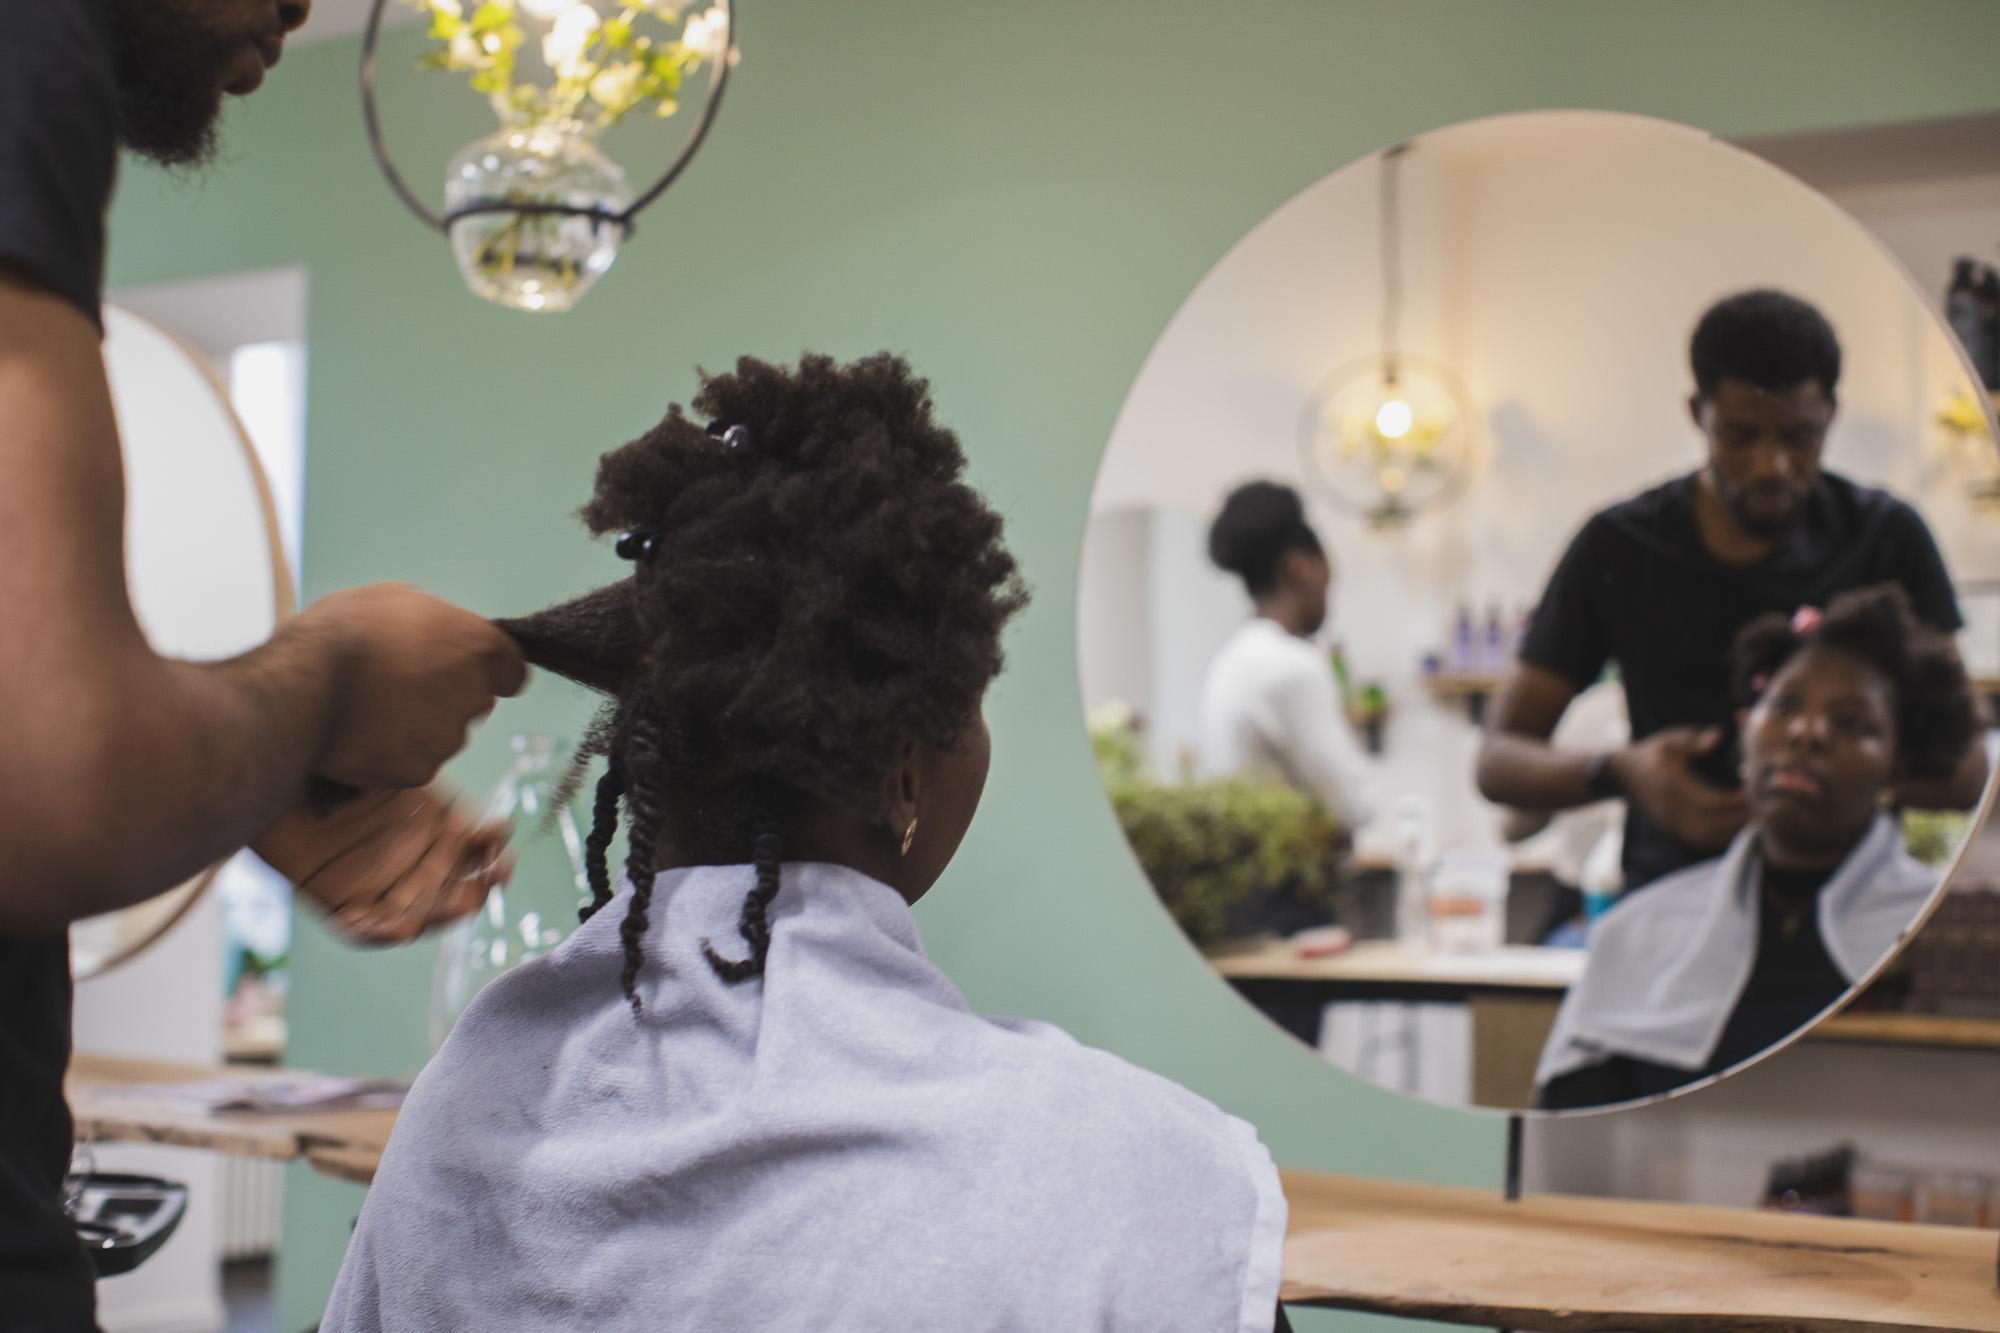 Salon de coiffure coupe afro